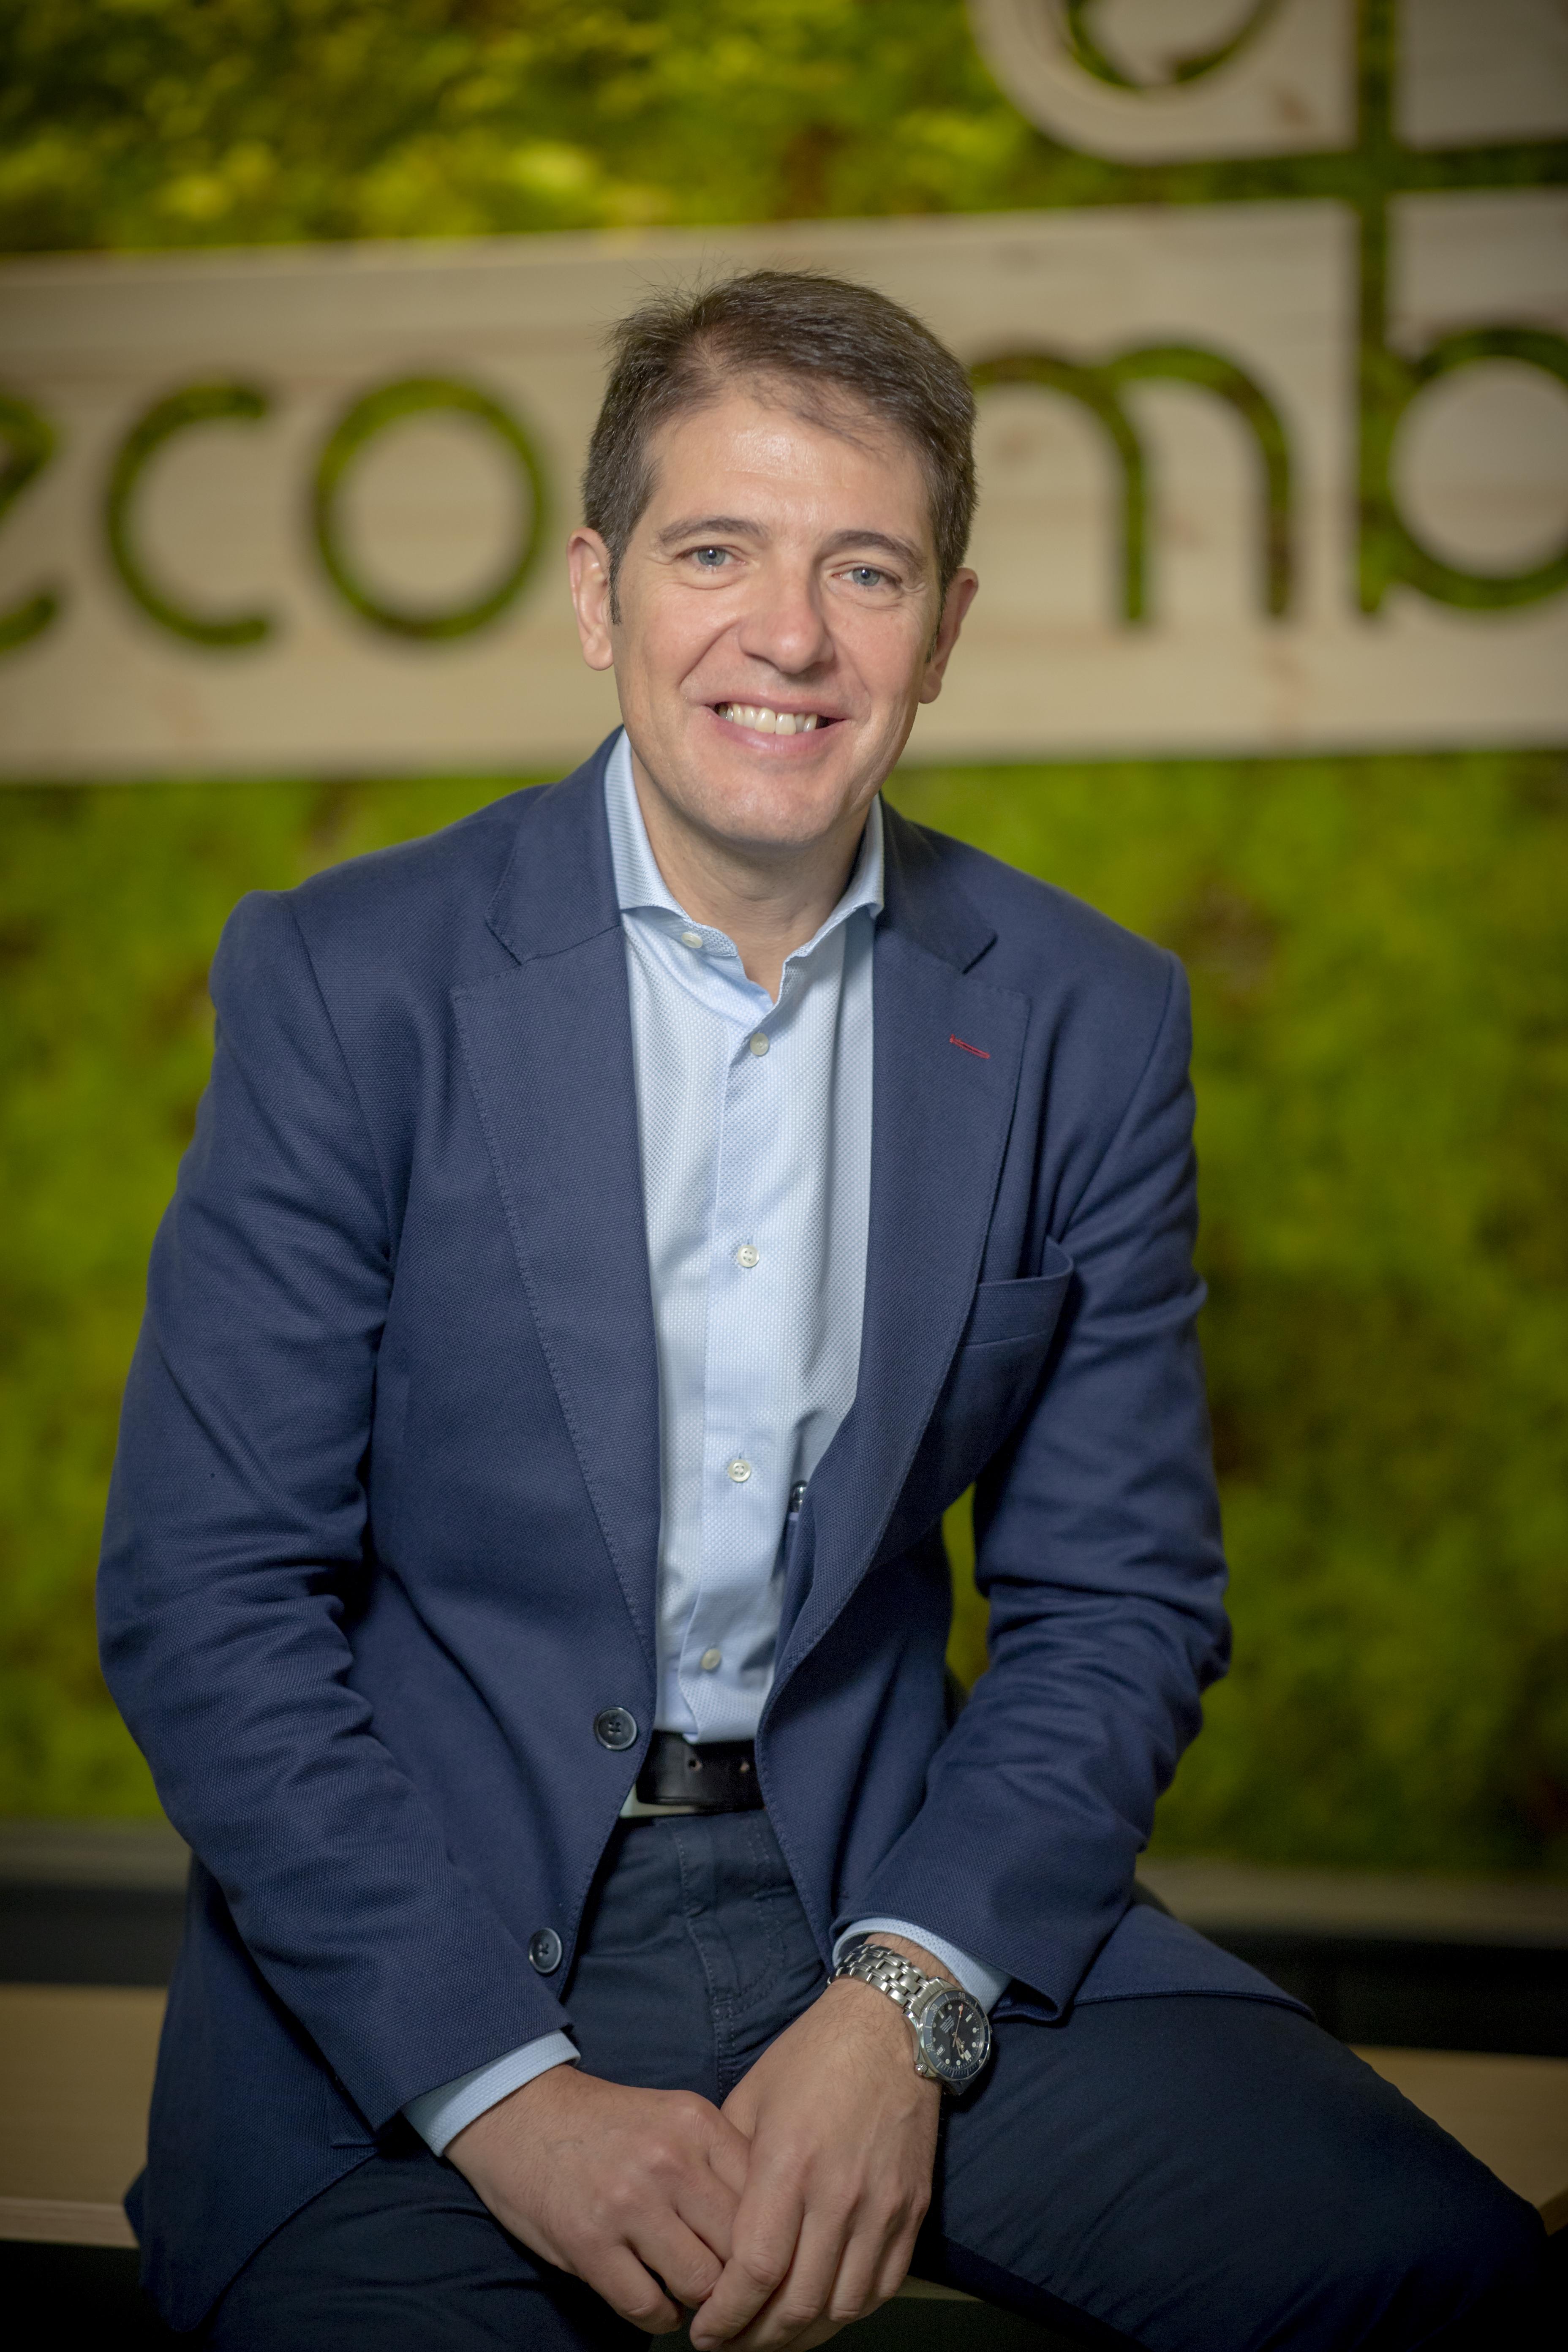 Óscar Martín Riva, biólogo de formación, dirige Ecoembes desde 2014.